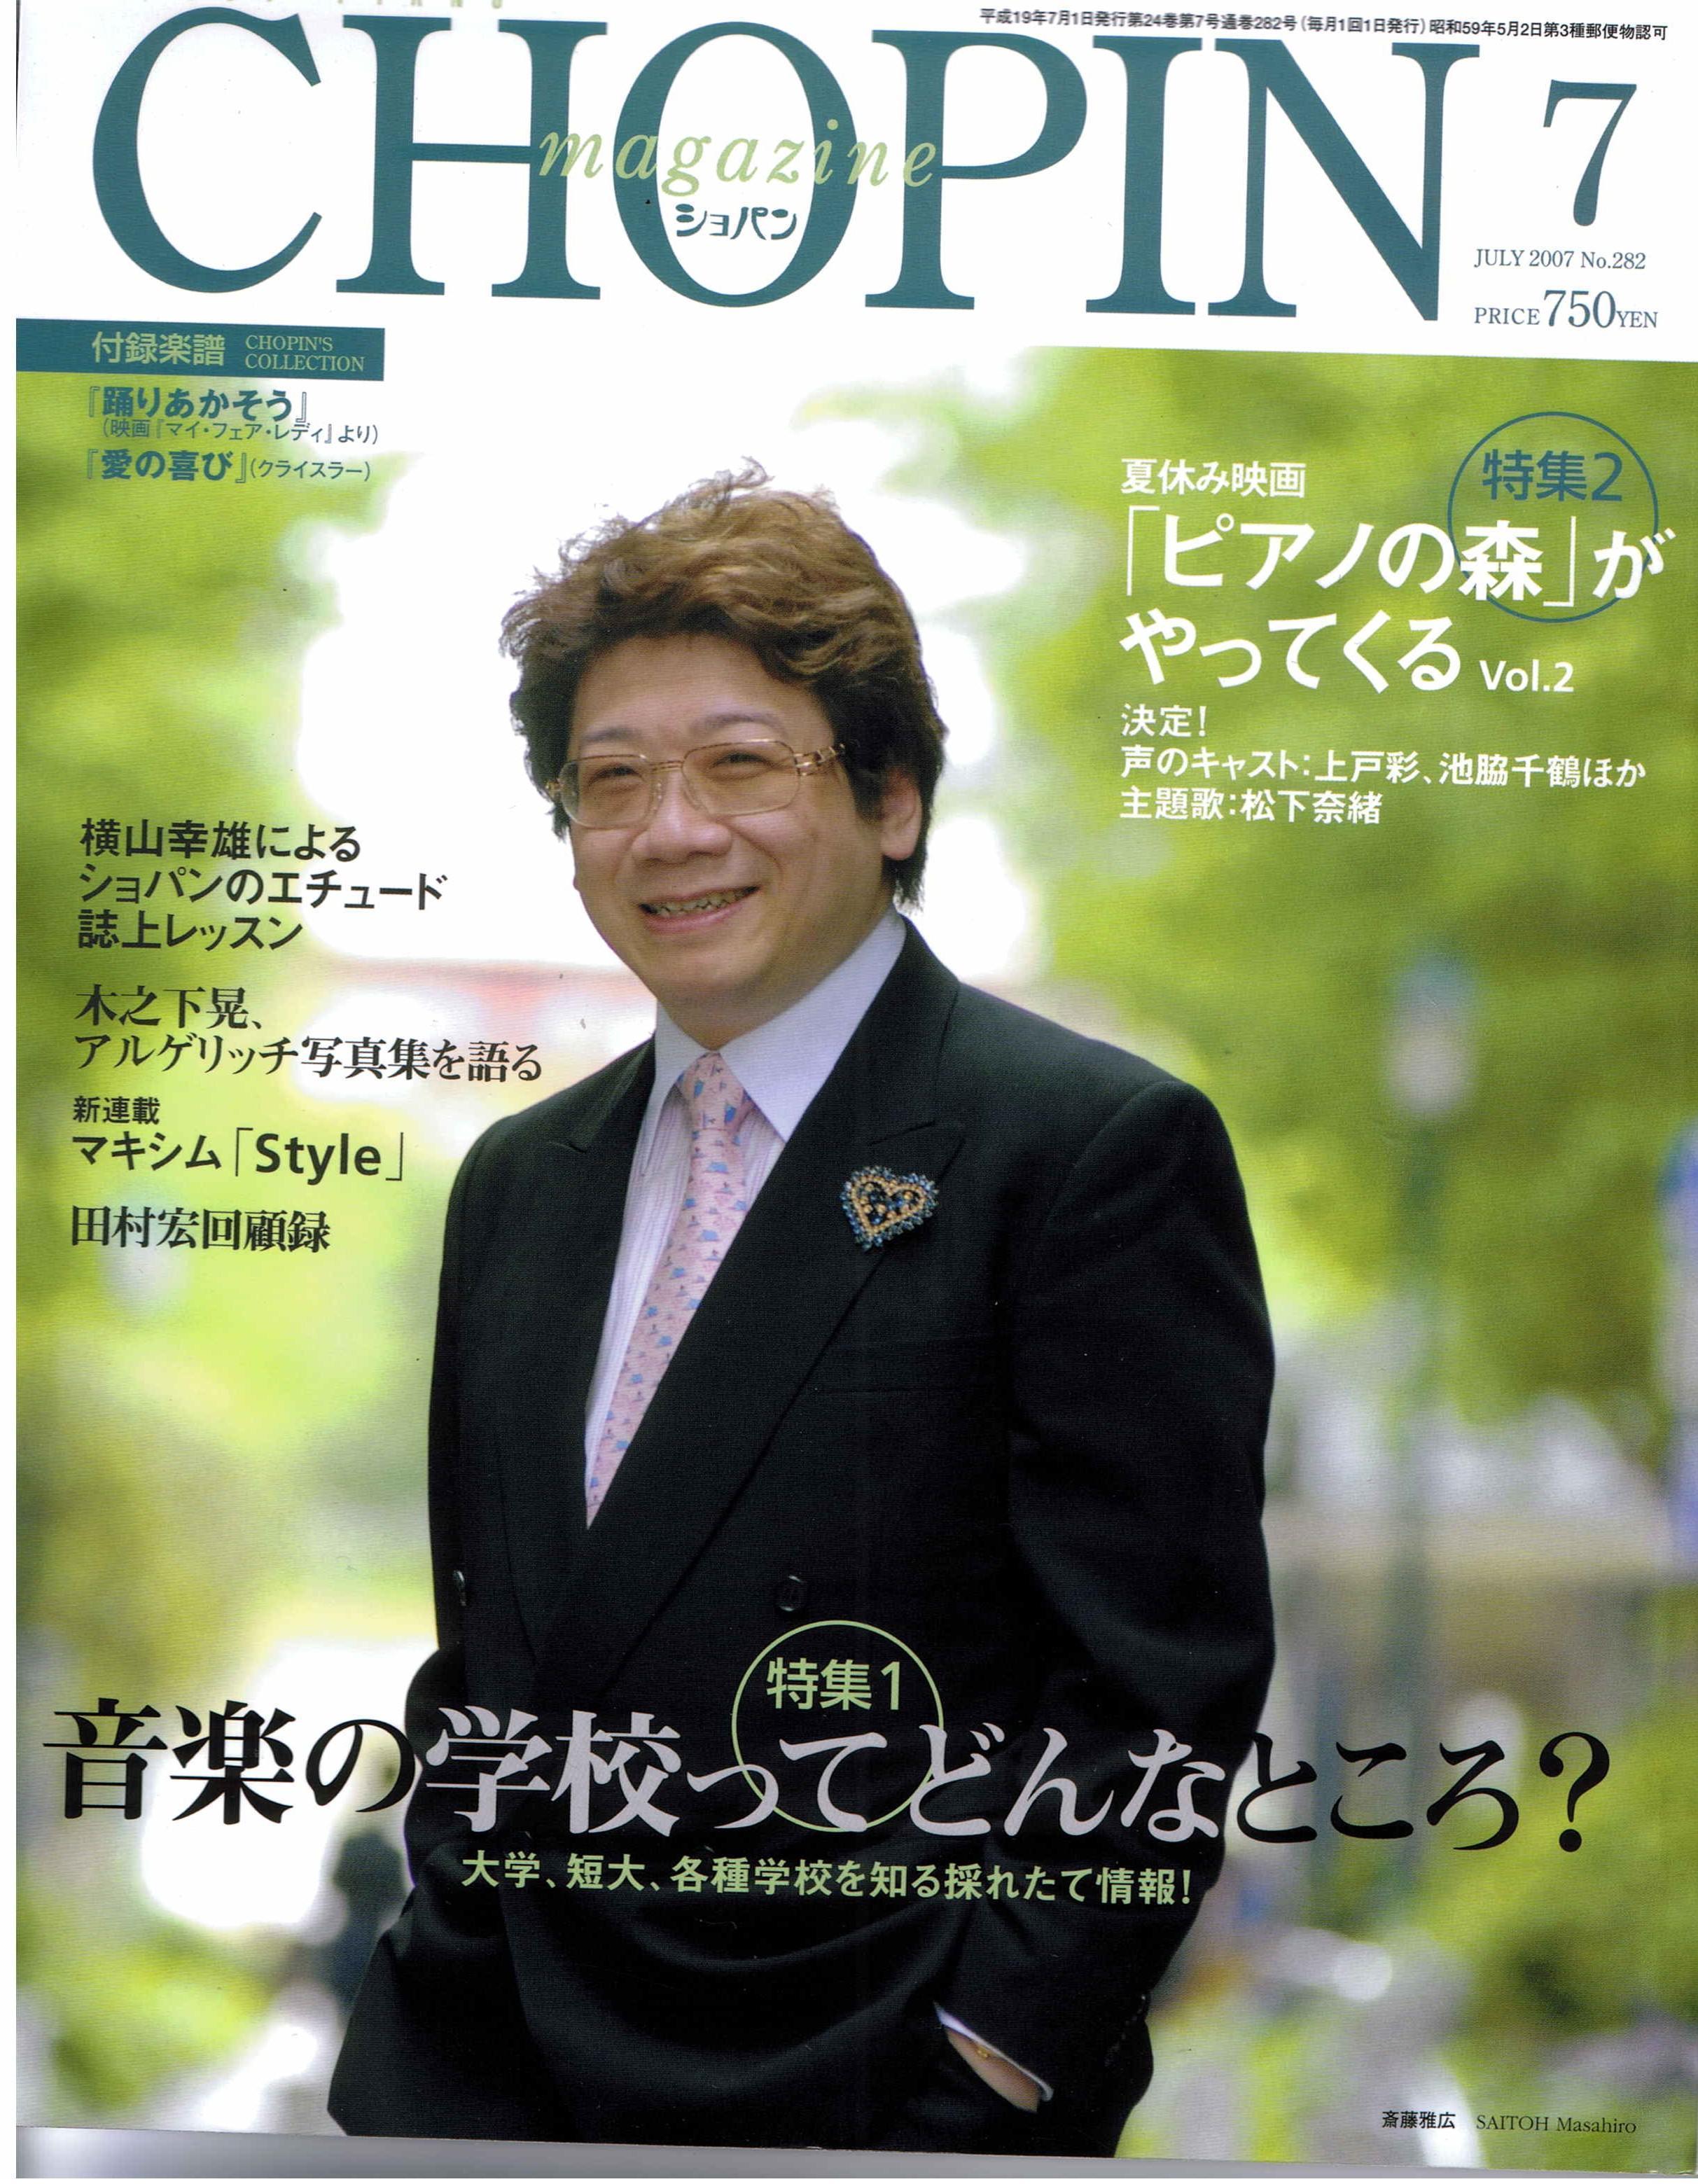 雅広 斎藤